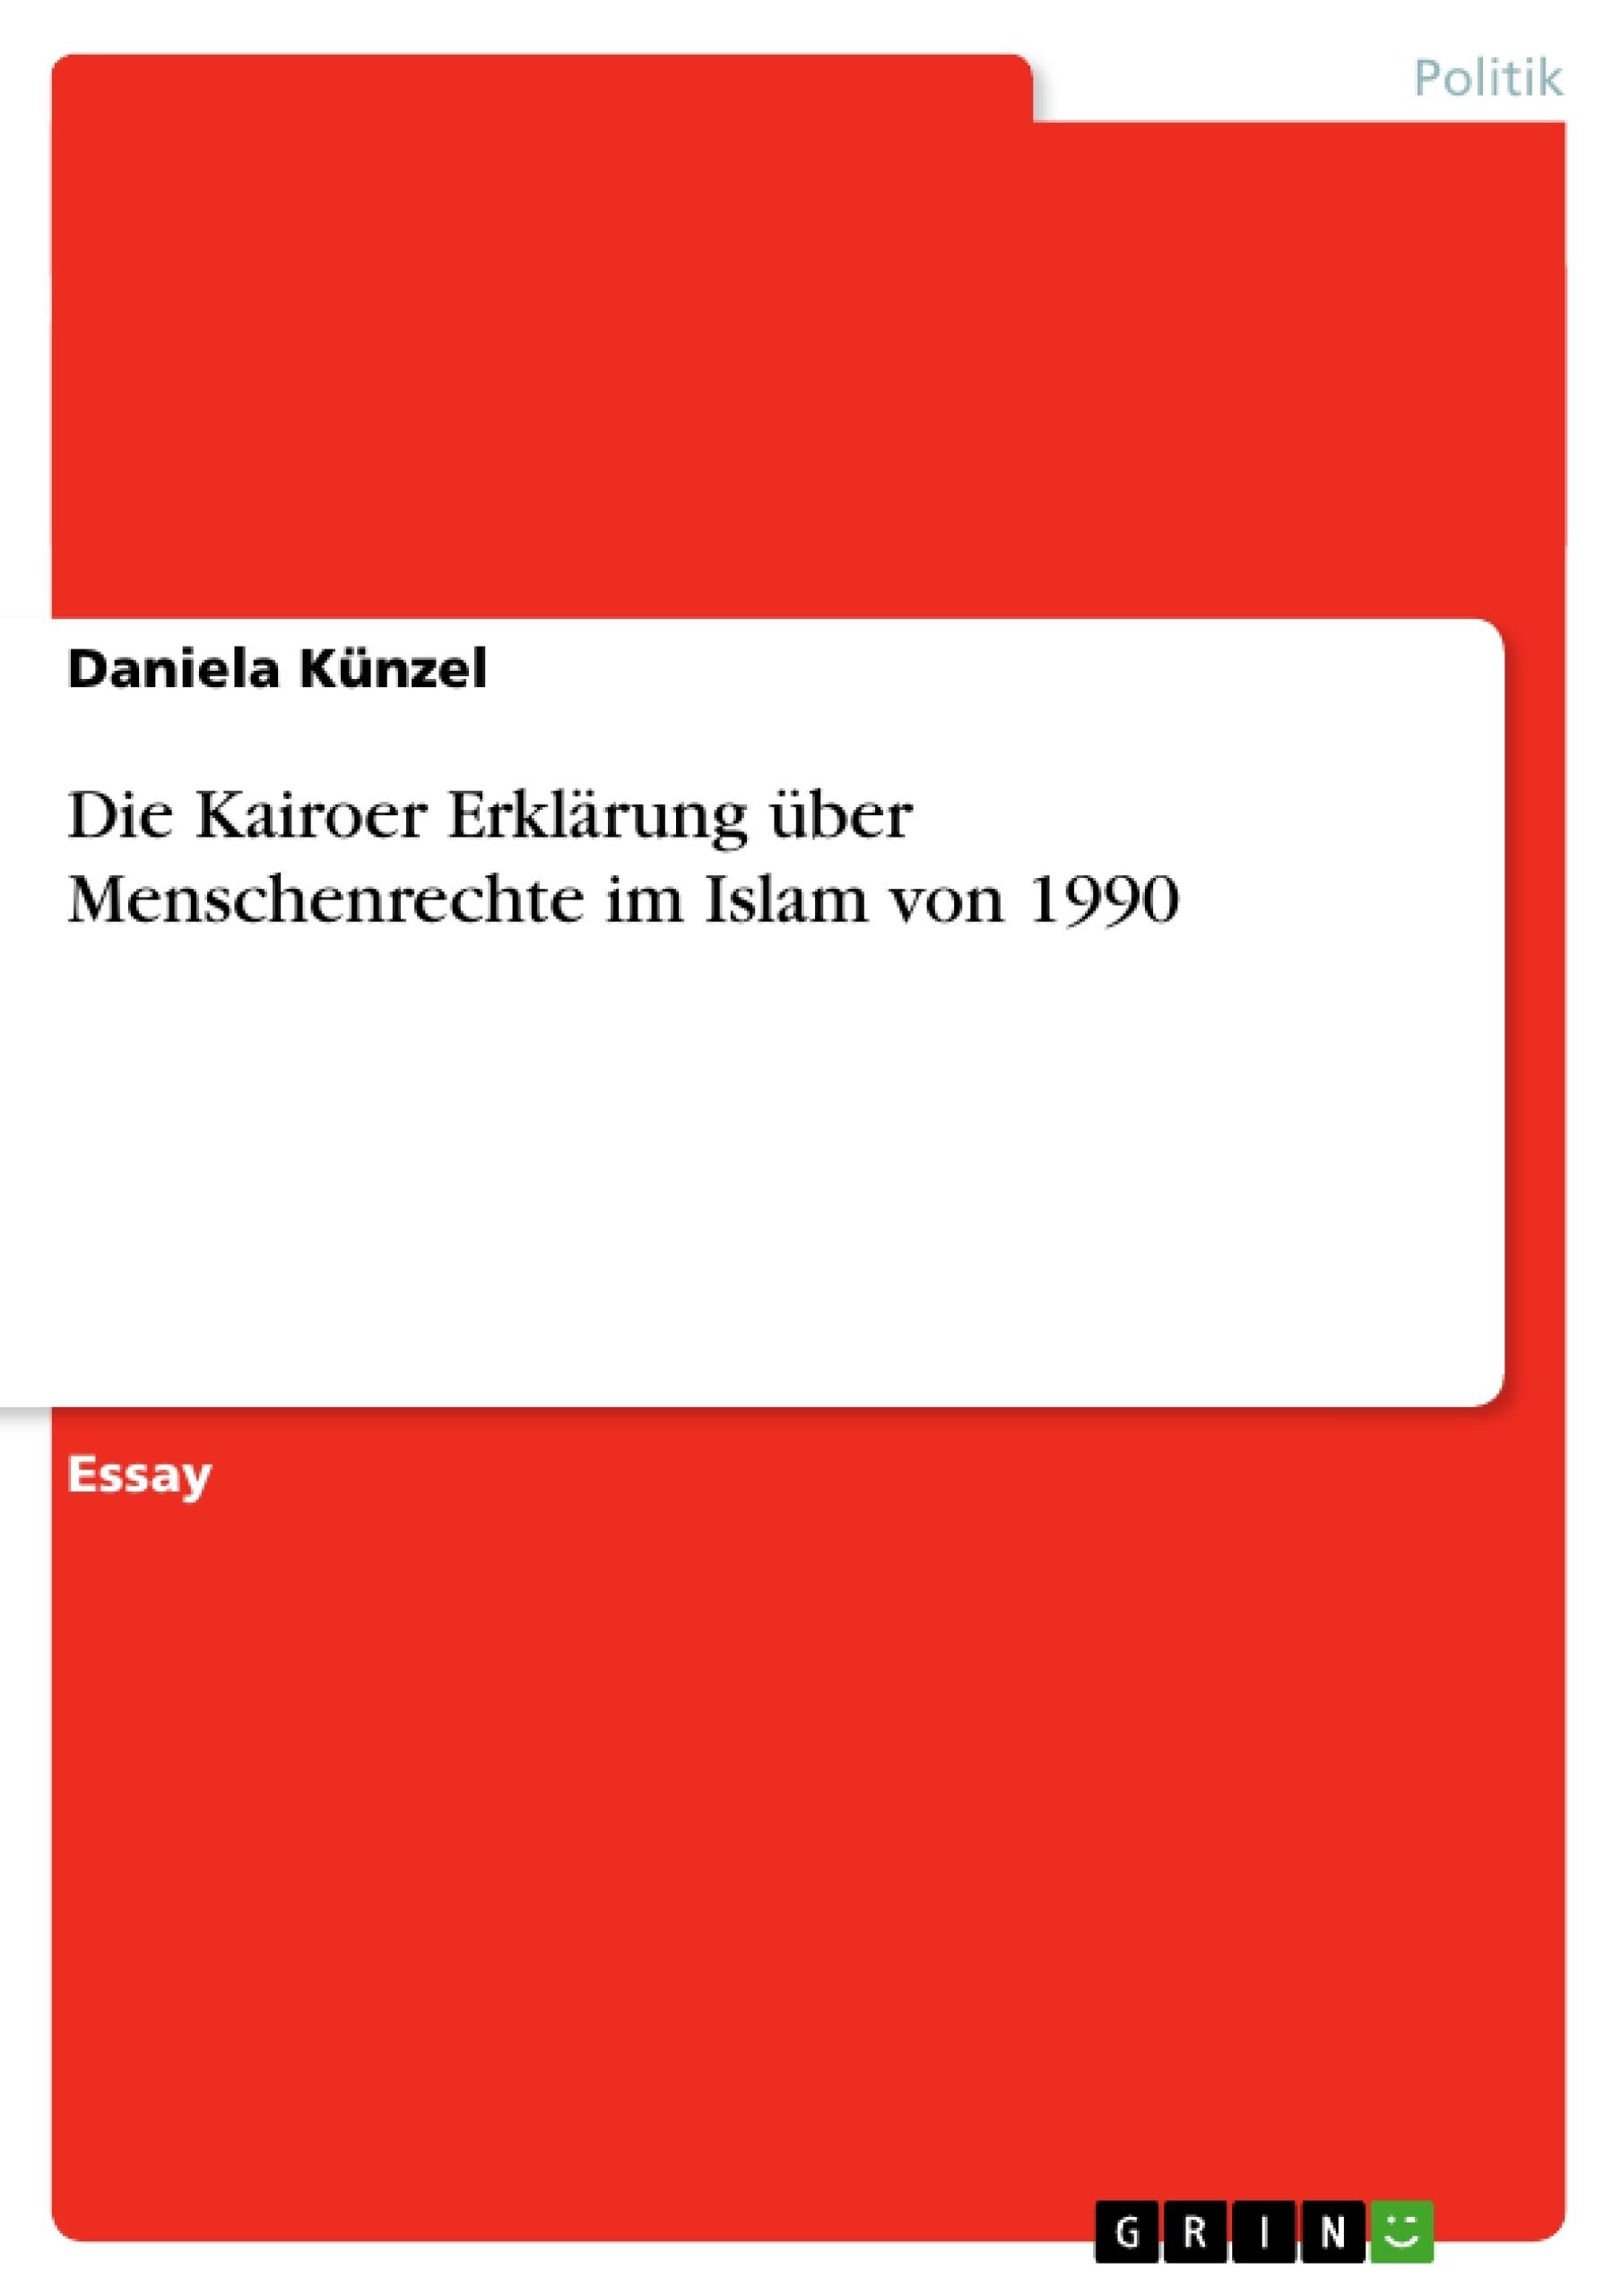 Titel: Die Kairoer Erklärung über Menschenrechte im Islam von 1990